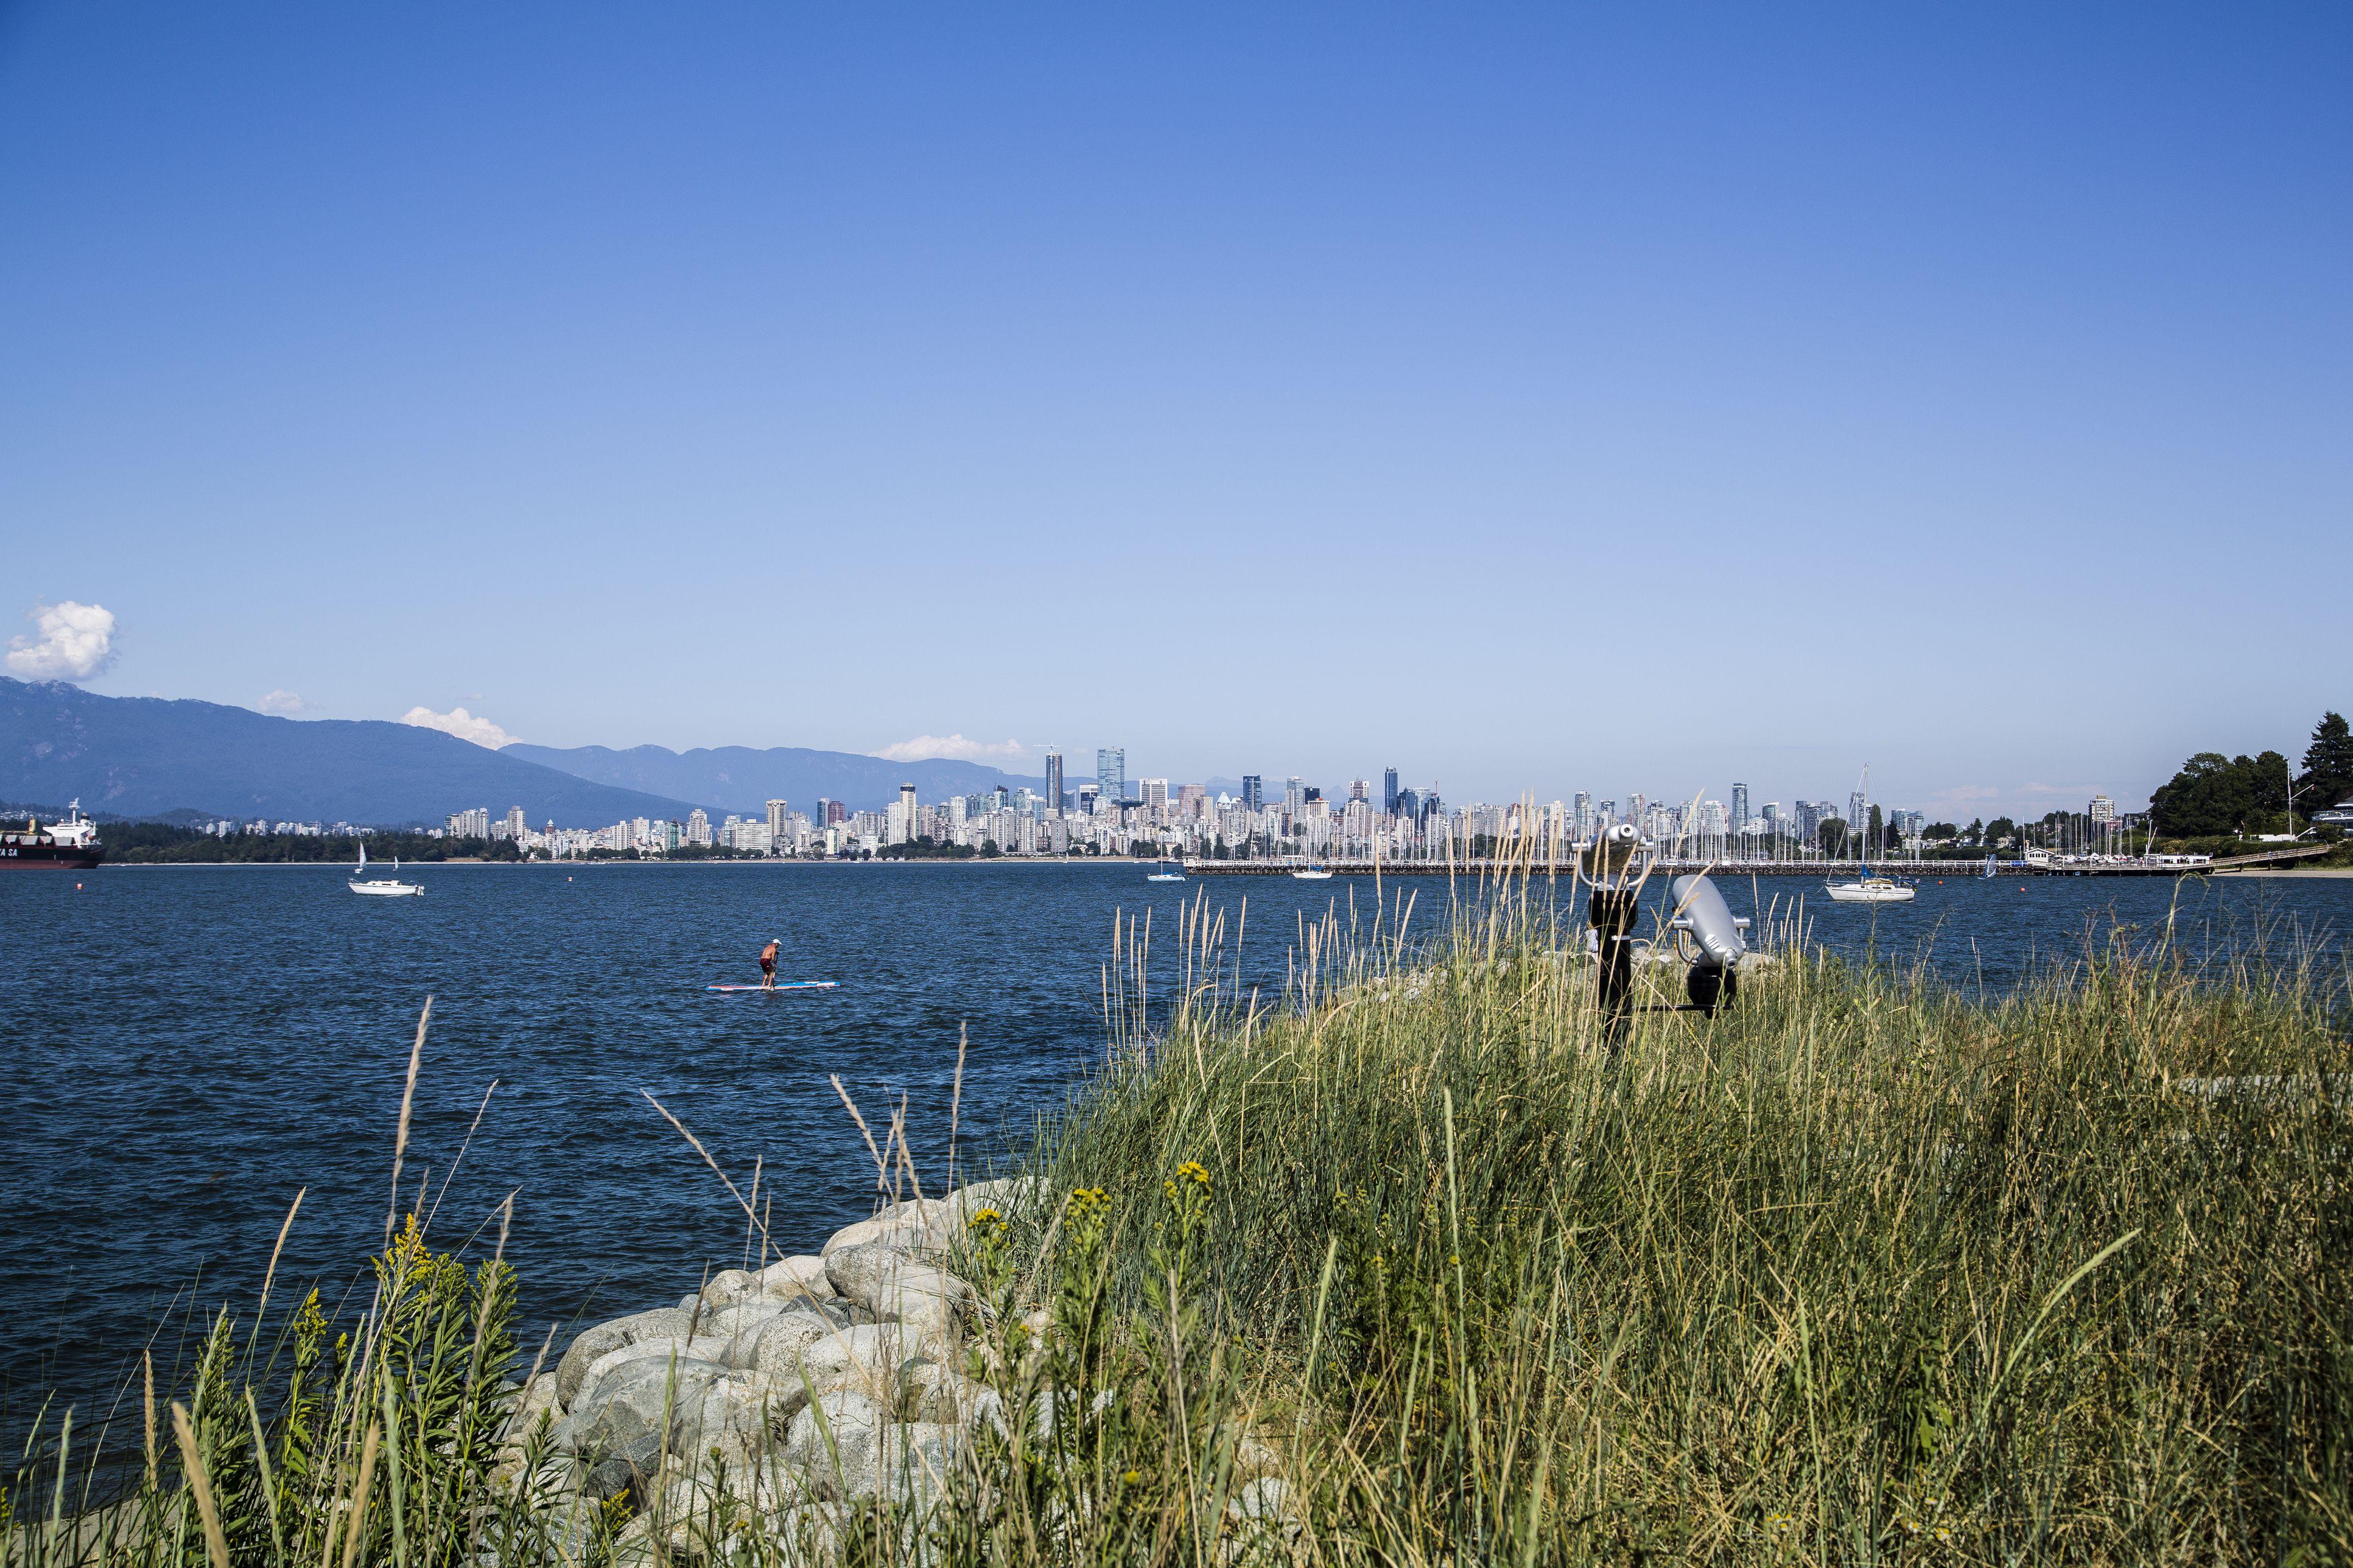 USA, Vancouver, Jericho Beach